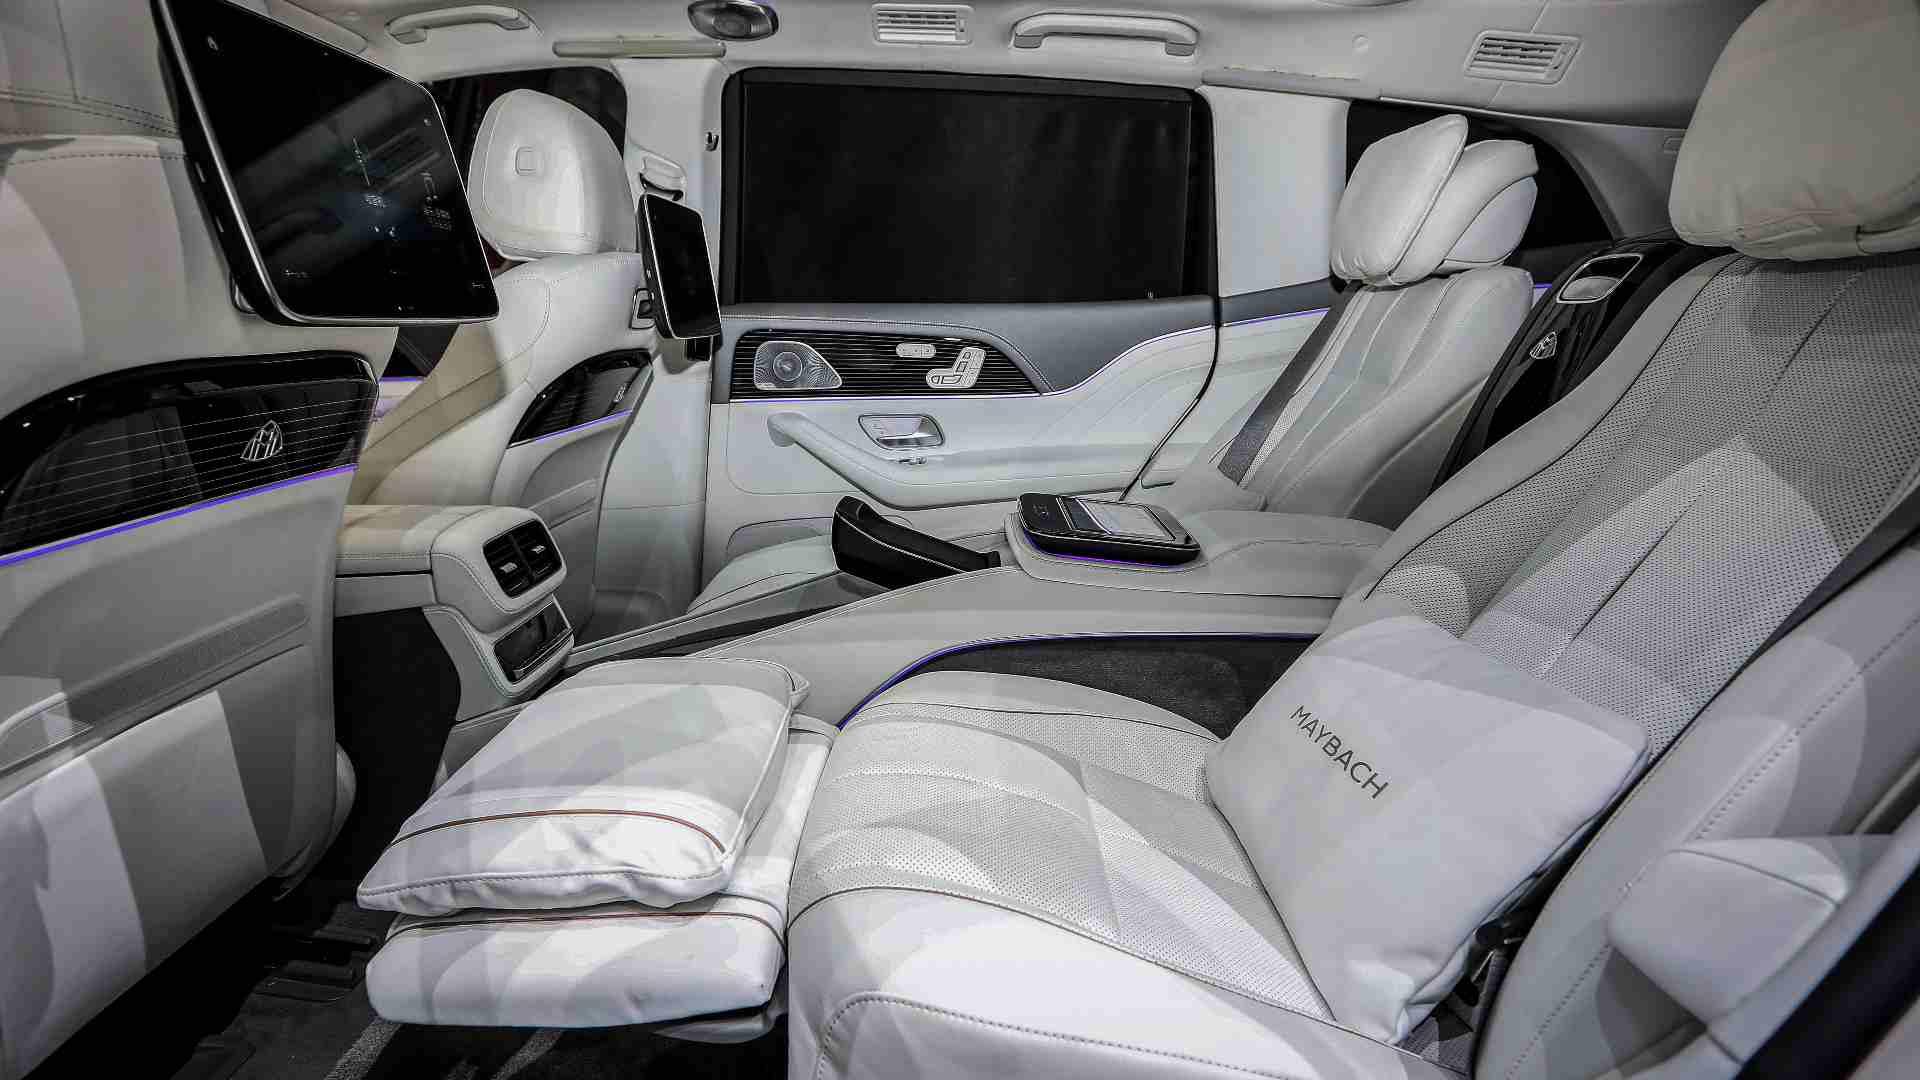 Los asientos traseros reclinables cuentan con función de masaje y reposapiernas eléctrico.  Imagen: Mercedes-Benz